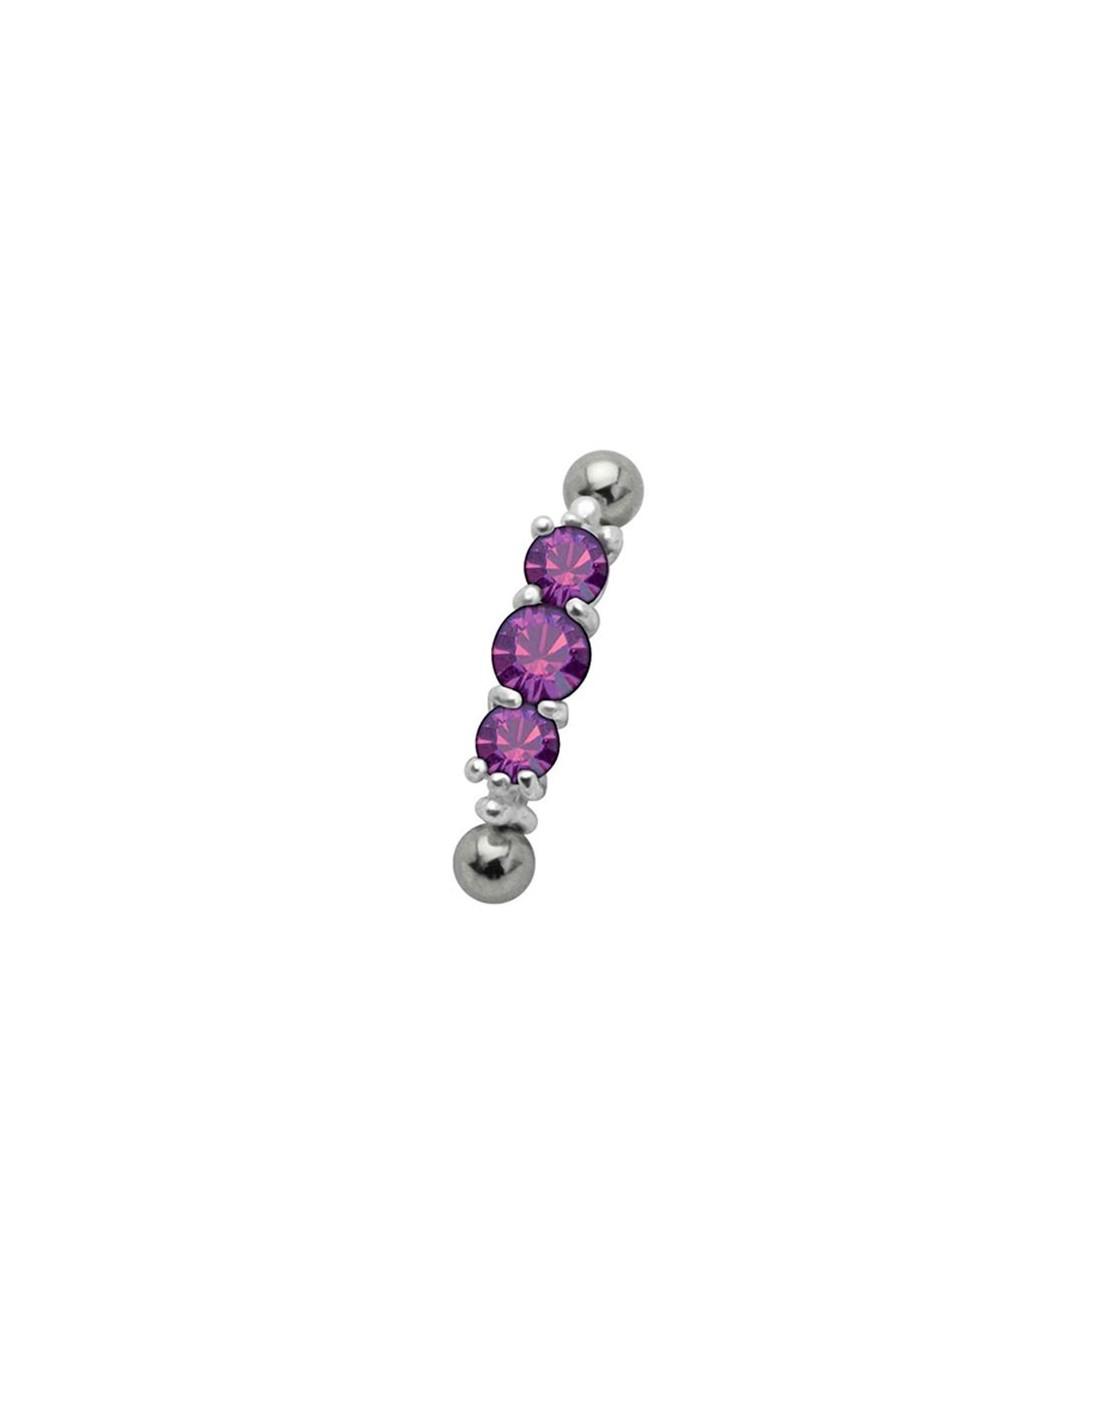 boutique bijoux et piercings piercing oreille nombril langue arcade nez. Black Bedroom Furniture Sets. Home Design Ideas